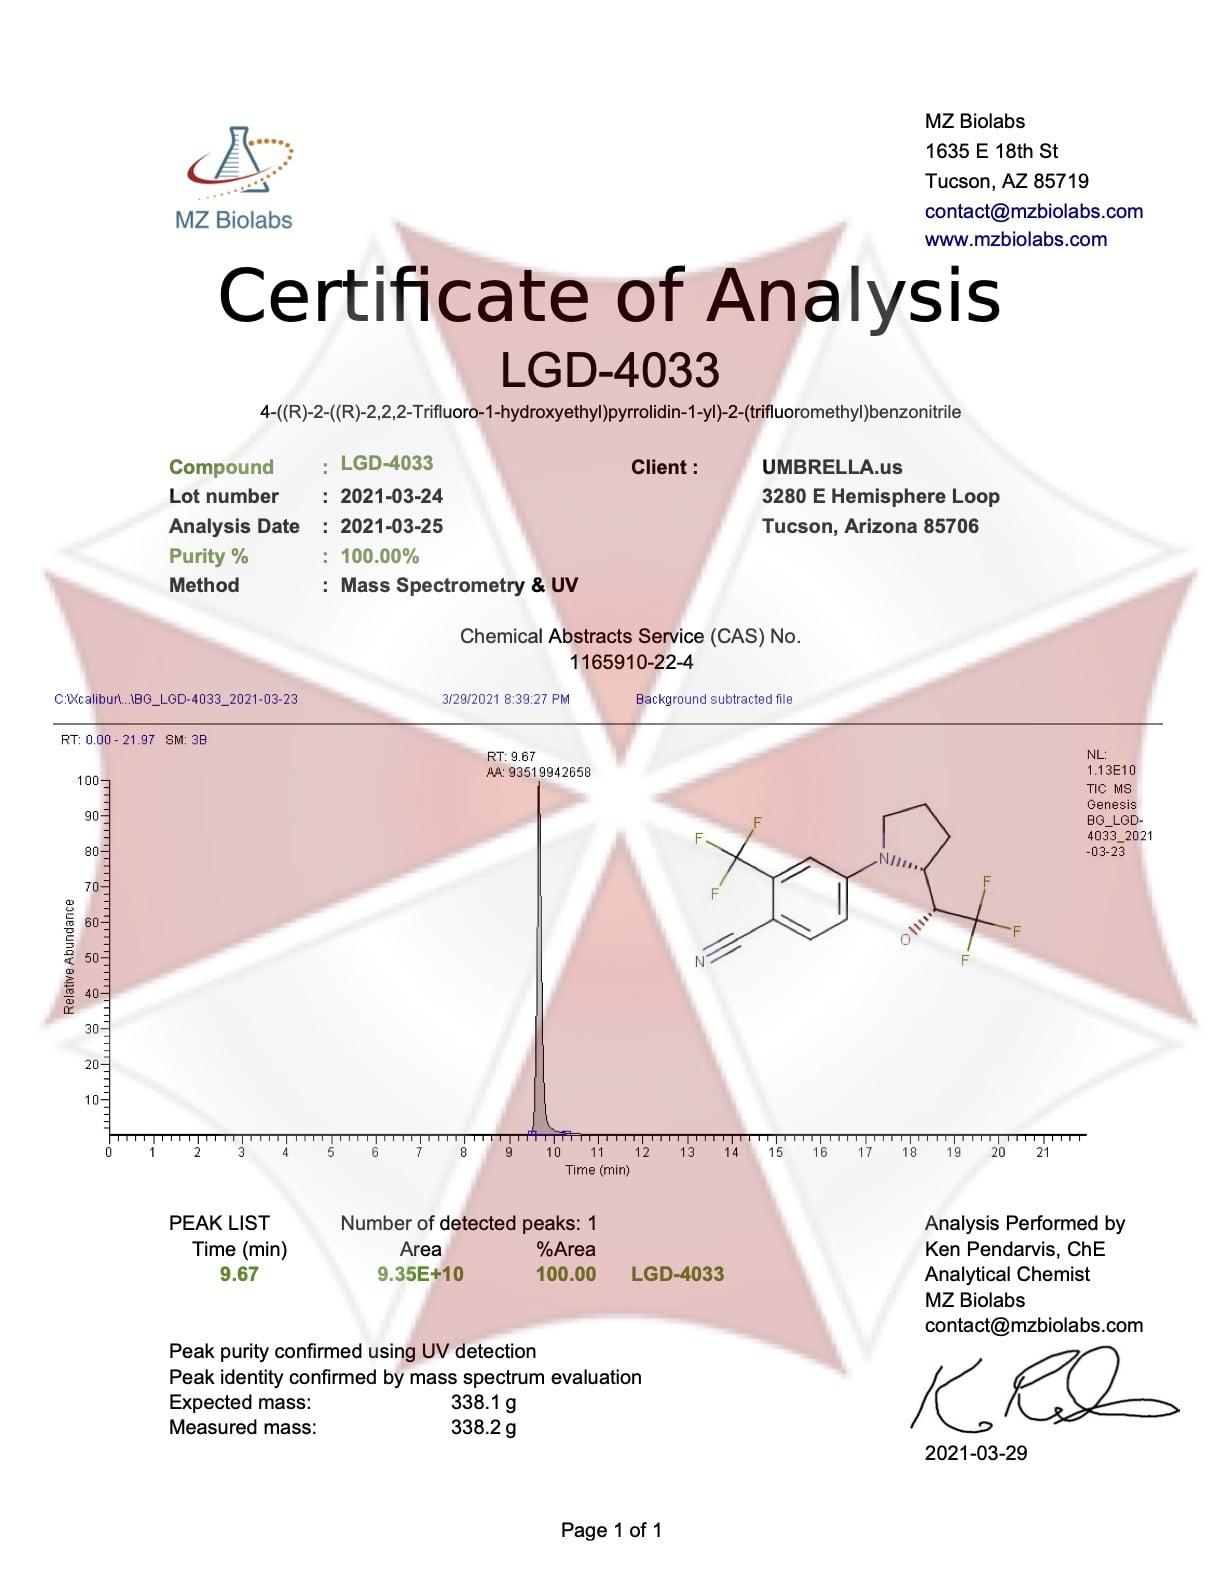 LGD 4033